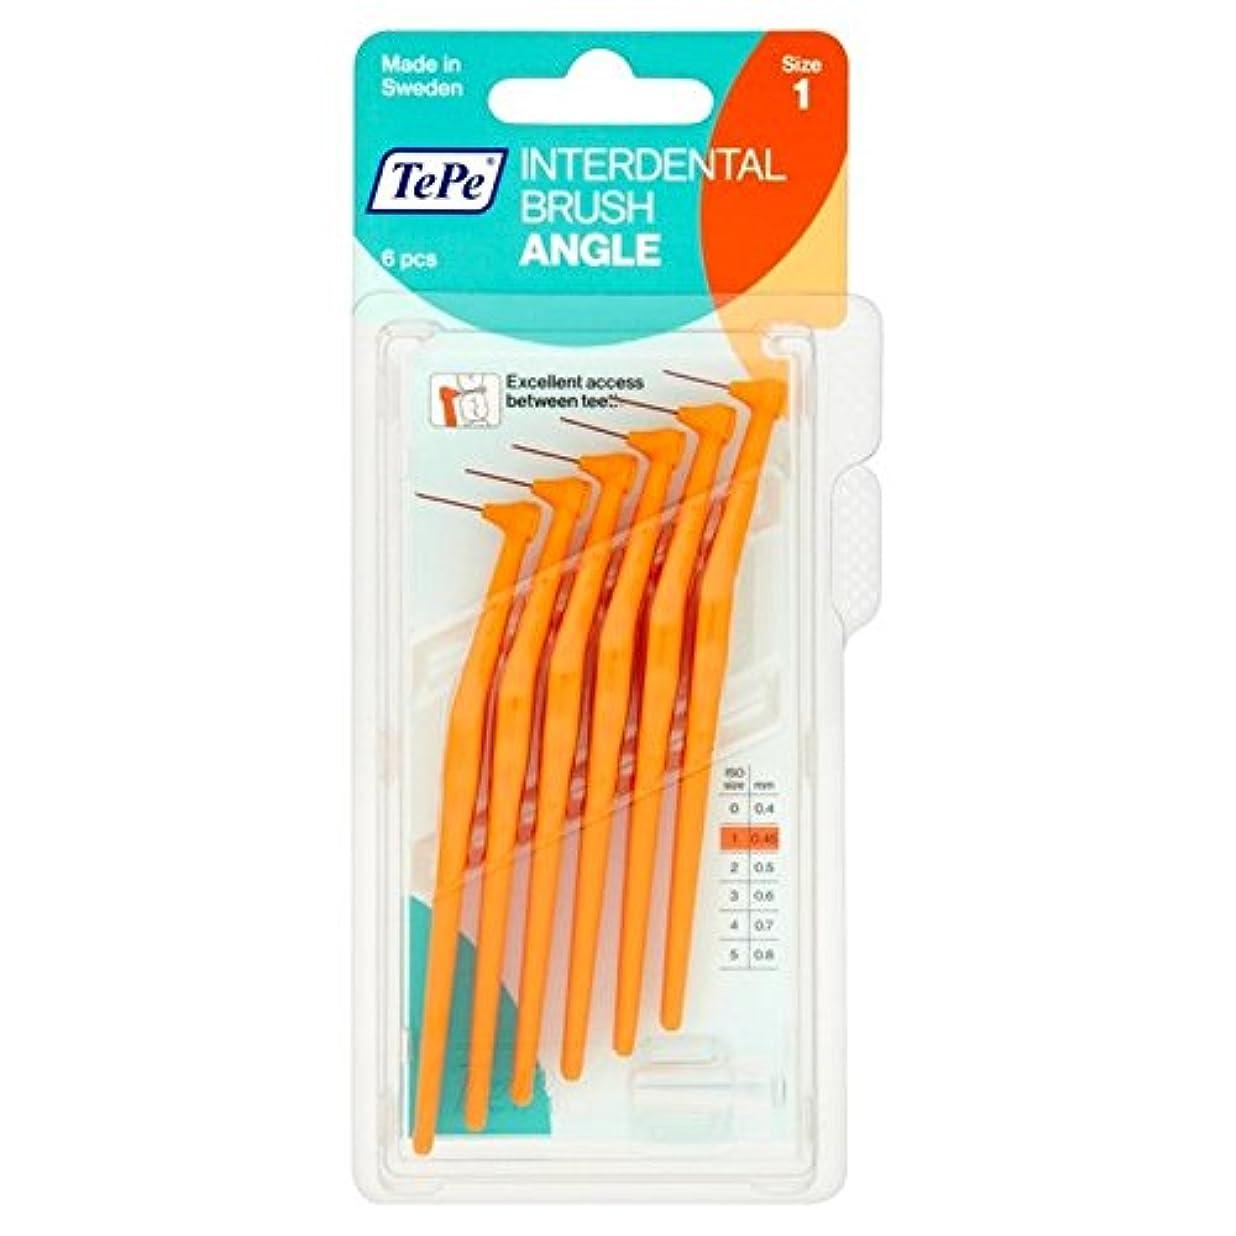 宴会シンボルレオナルドダテペ角パックあたりオレンジ0.45ミリメートル6 x2 - TePe Angle Orange 0.45mm 6 per pack (Pack of 2) [並行輸入品]